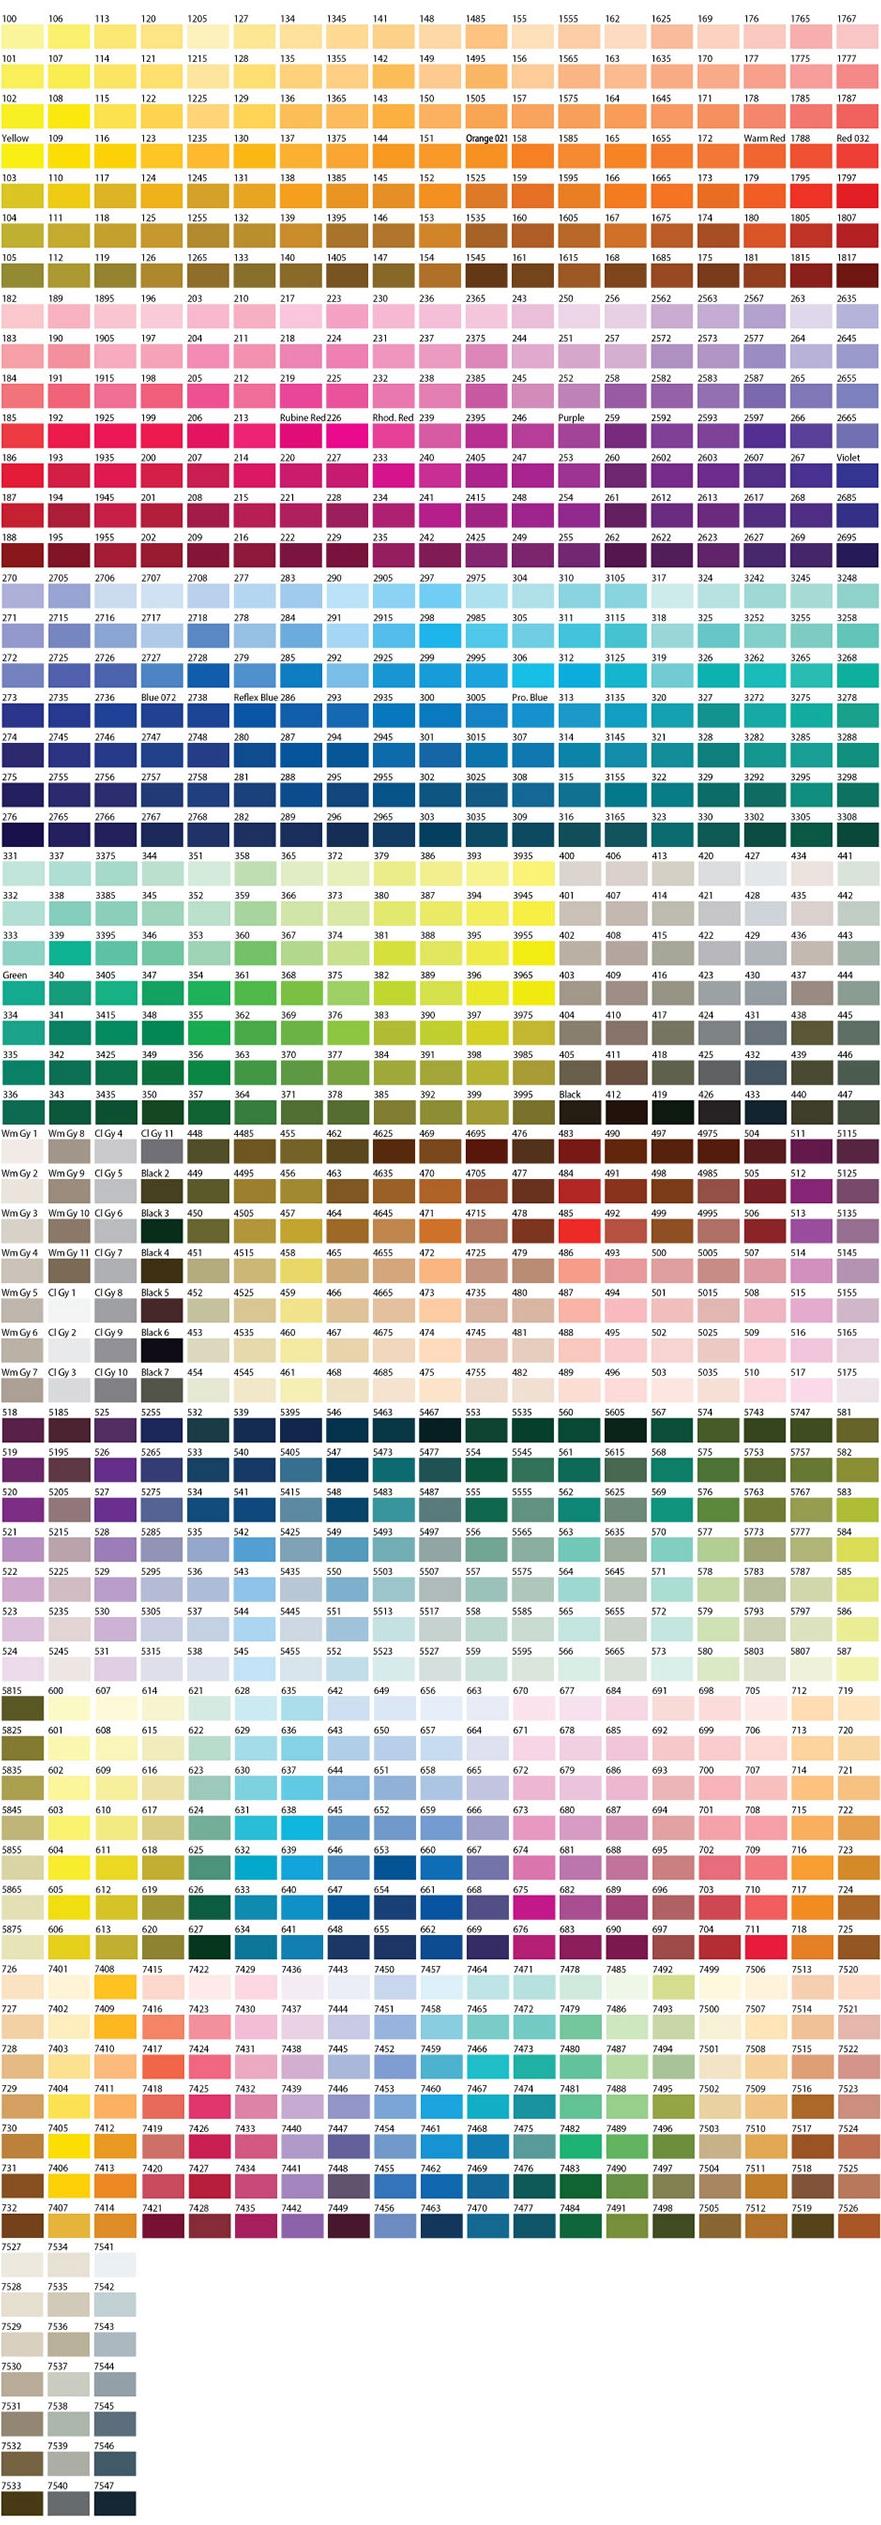 Colores para fabricar llaveros personalizados con logo.